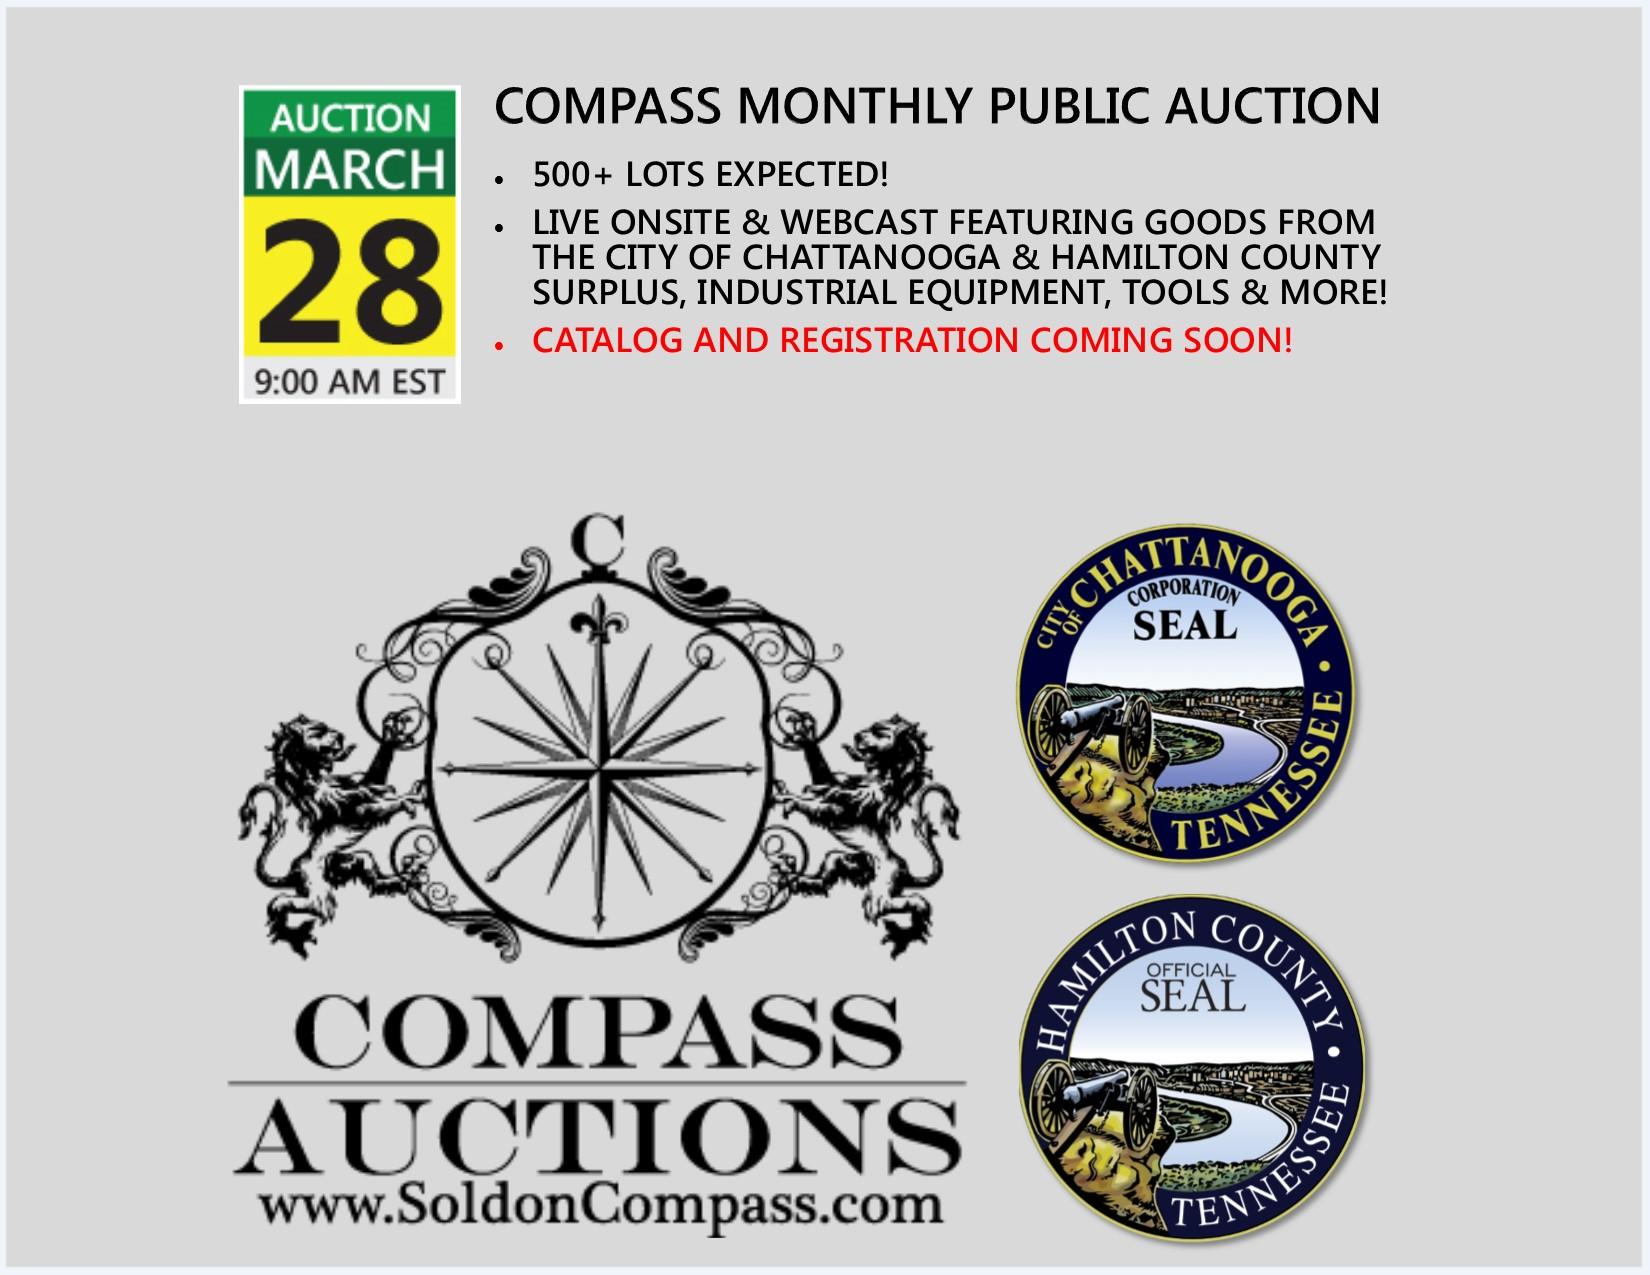 Compass Auction March 2018 government surplus public auction